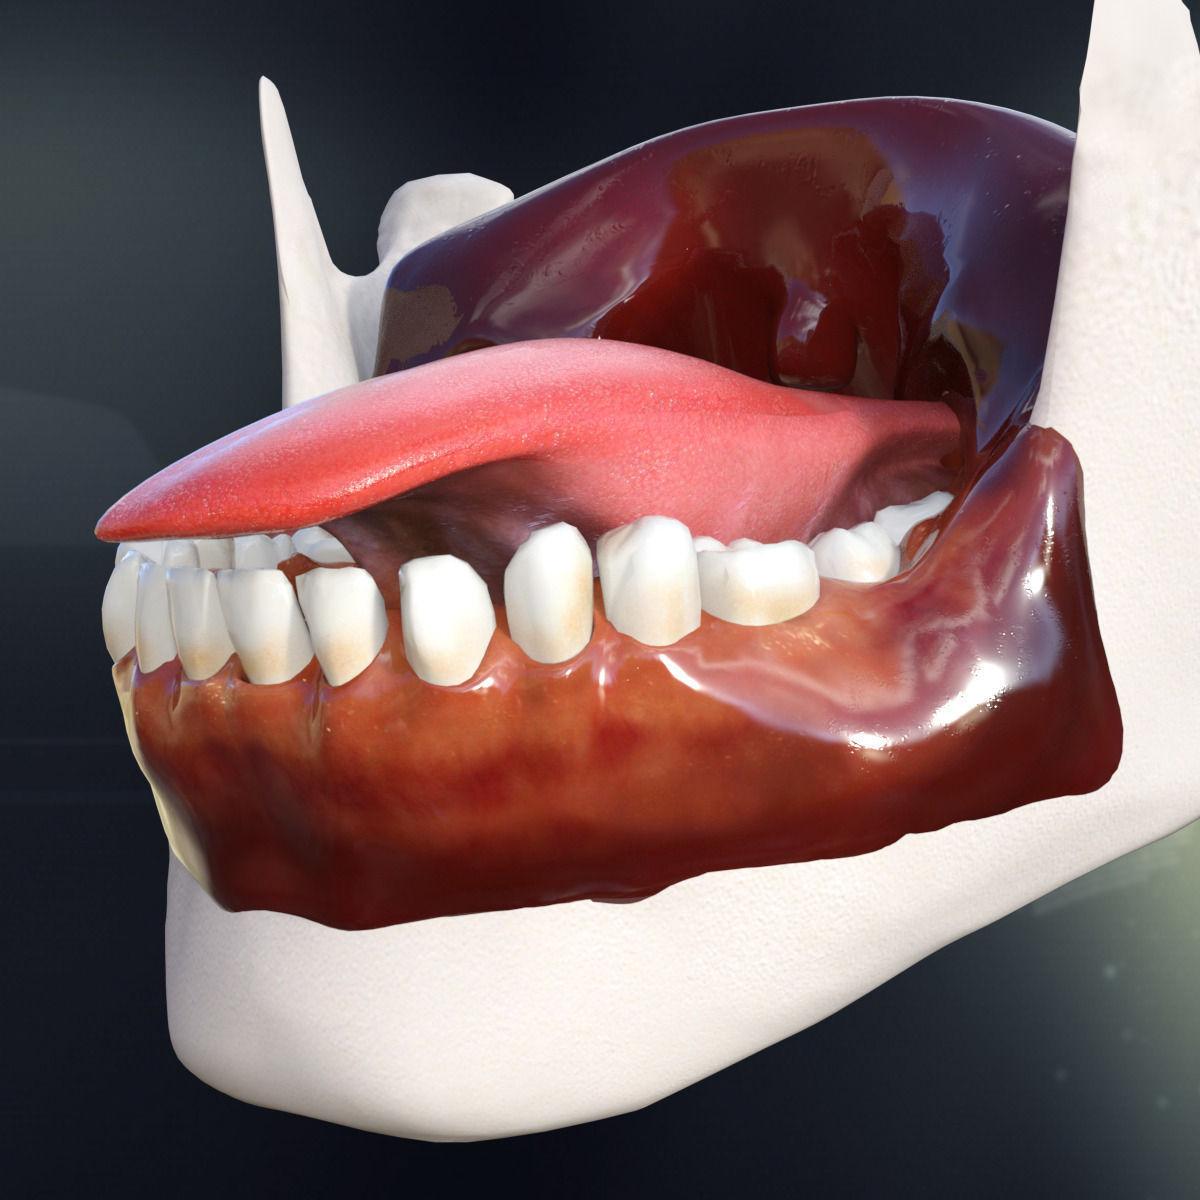 Human Teeth Gums And Tongue Anatomy 3d Model Cgtrader